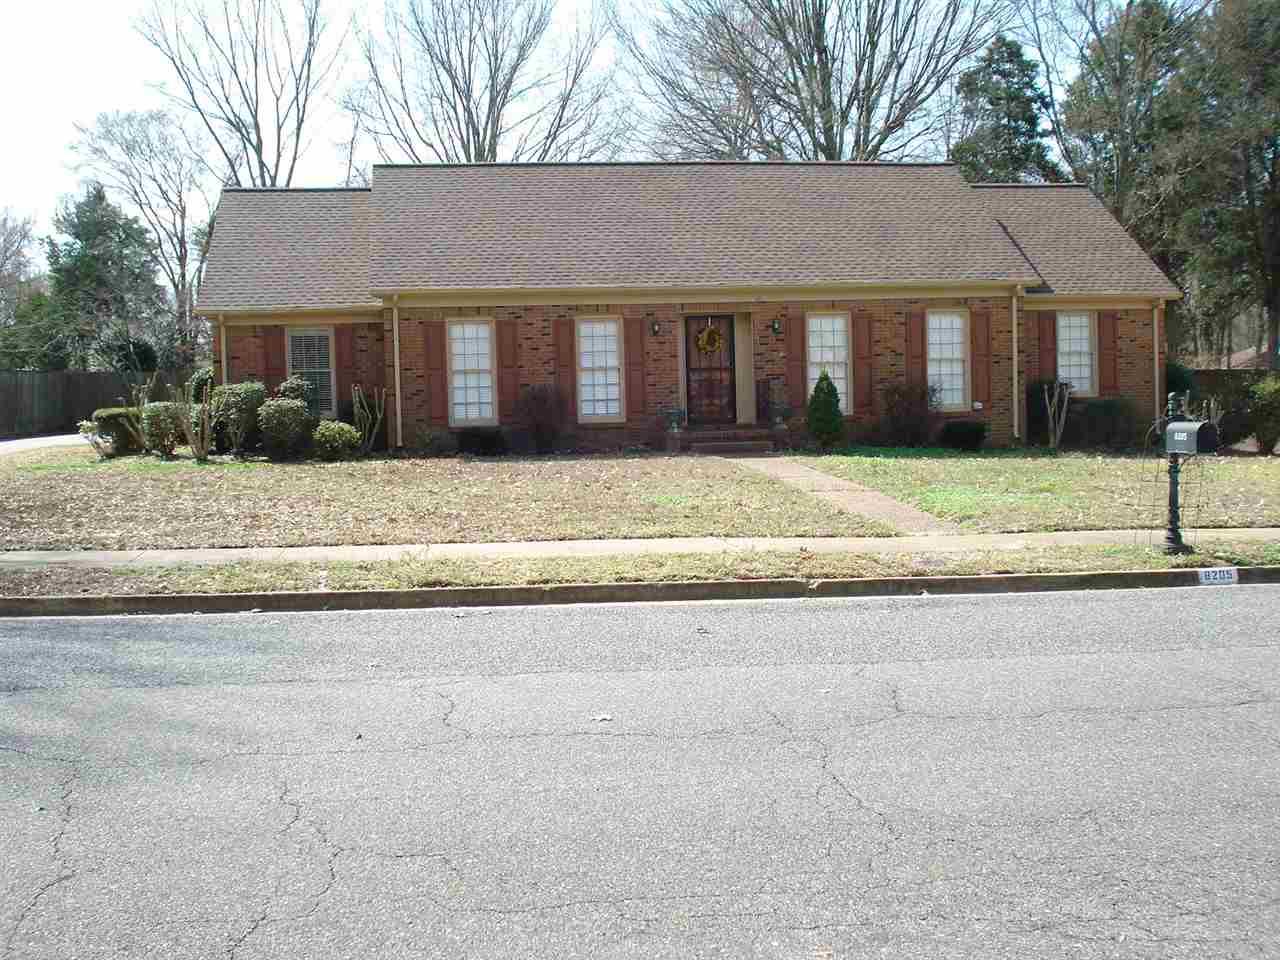 8205 Planters Grove Rd, Cordova, TN